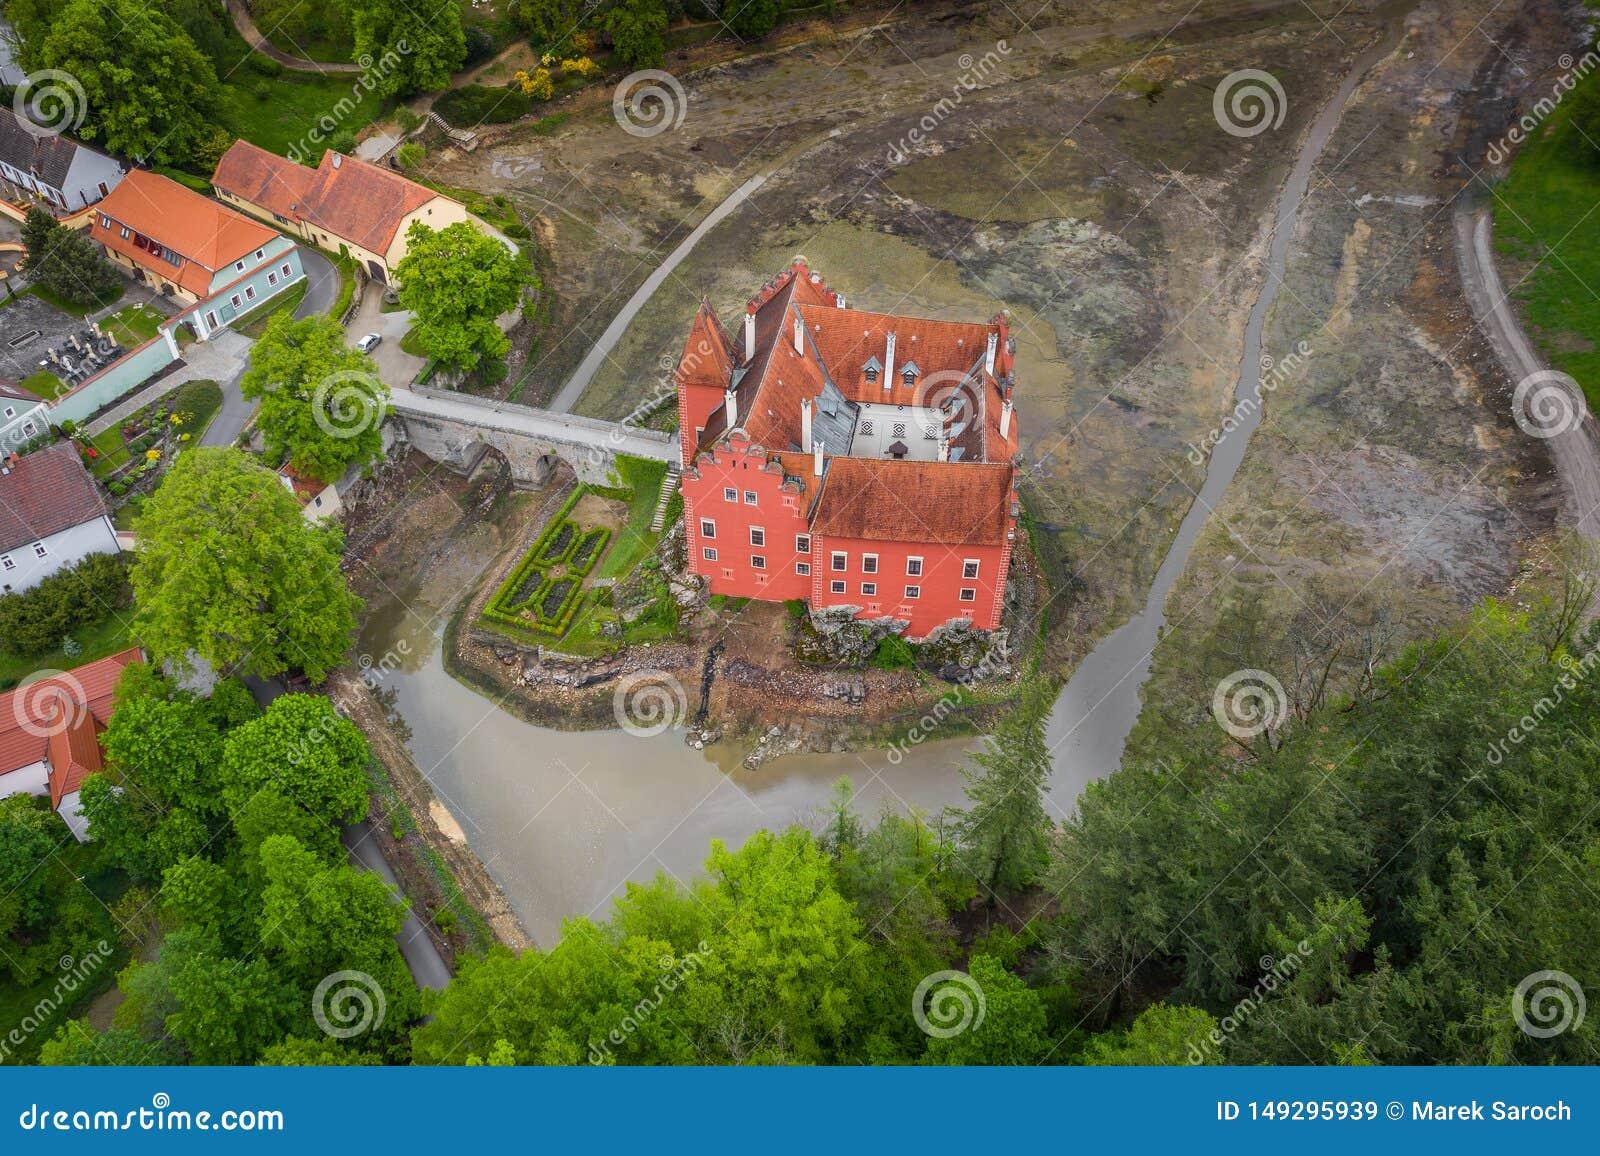 Cervena Lhota in Czech Republic